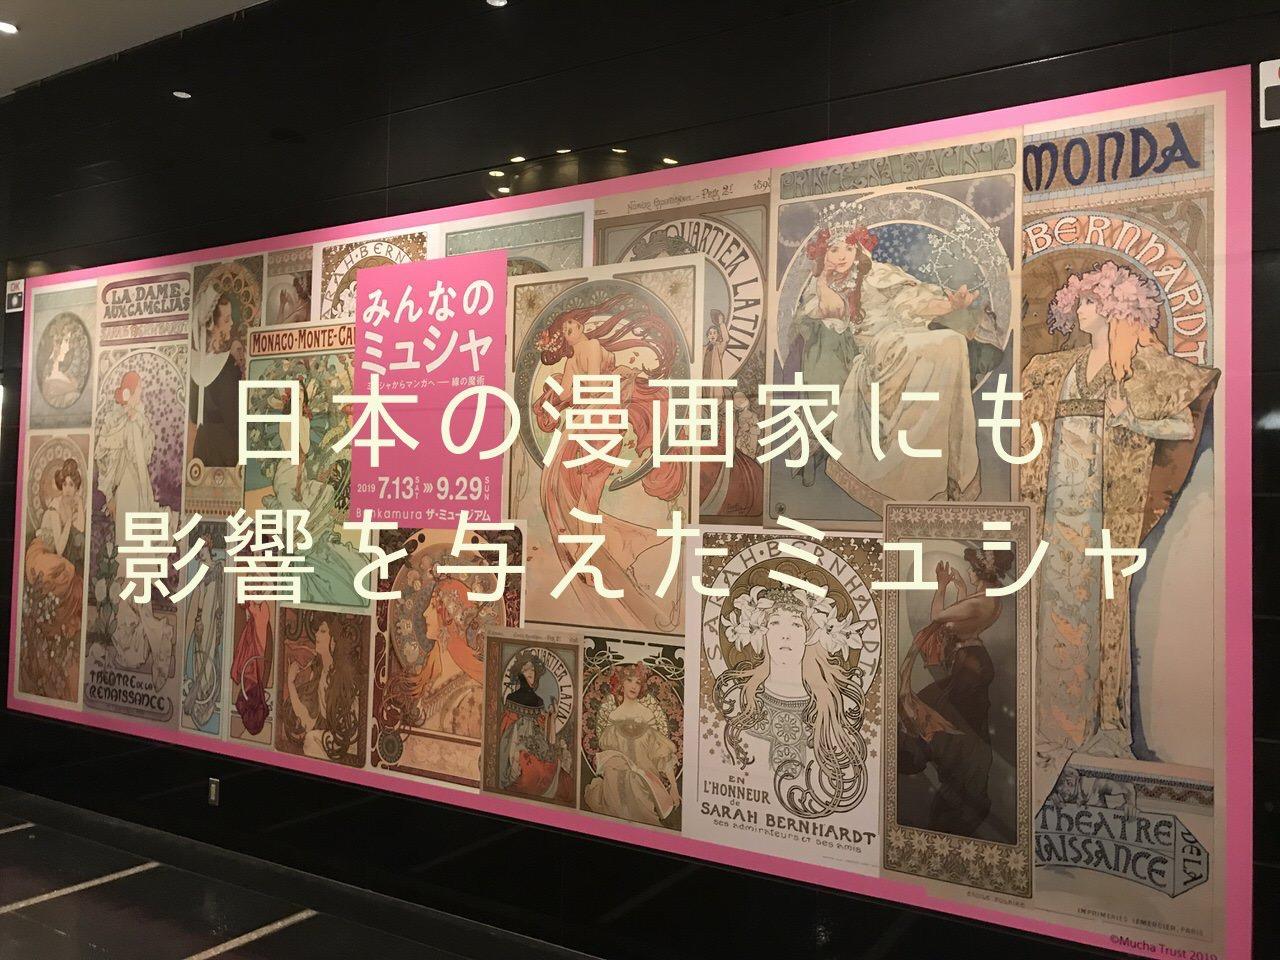 日本の漫画家にも影響を与えたミュシャの足跡を辿る展覧会「みんなのミュシャ ミュシャからマンガへ―線の魔術」